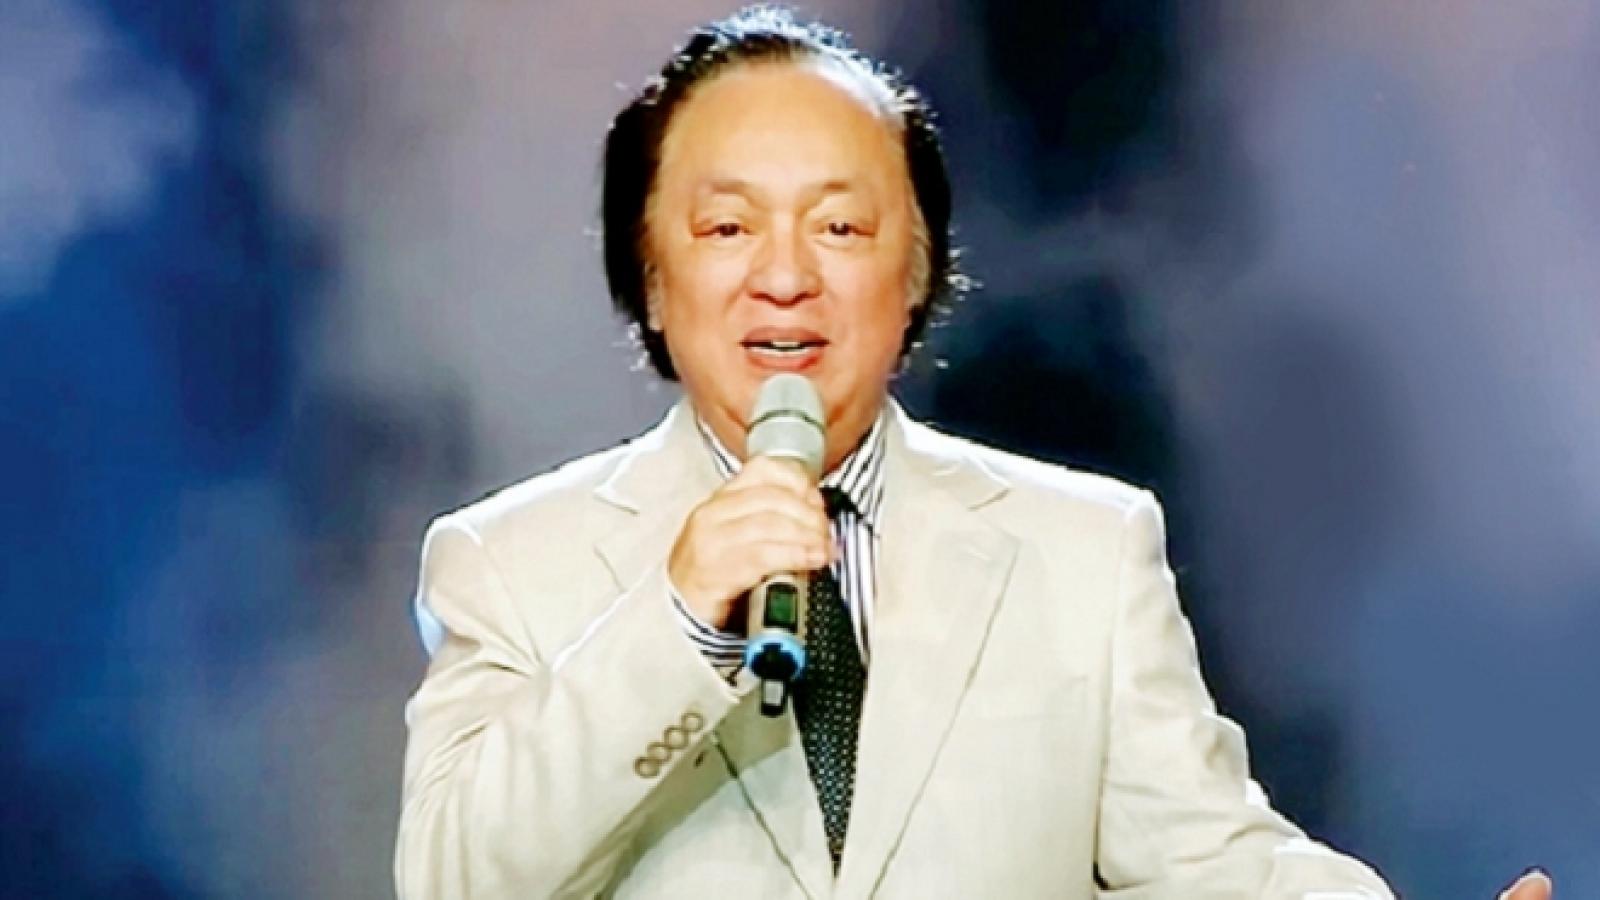 NSND Trung Kiên - người thầy thanh nhạc tận tụy của nhiều ca sĩ tên tuổi